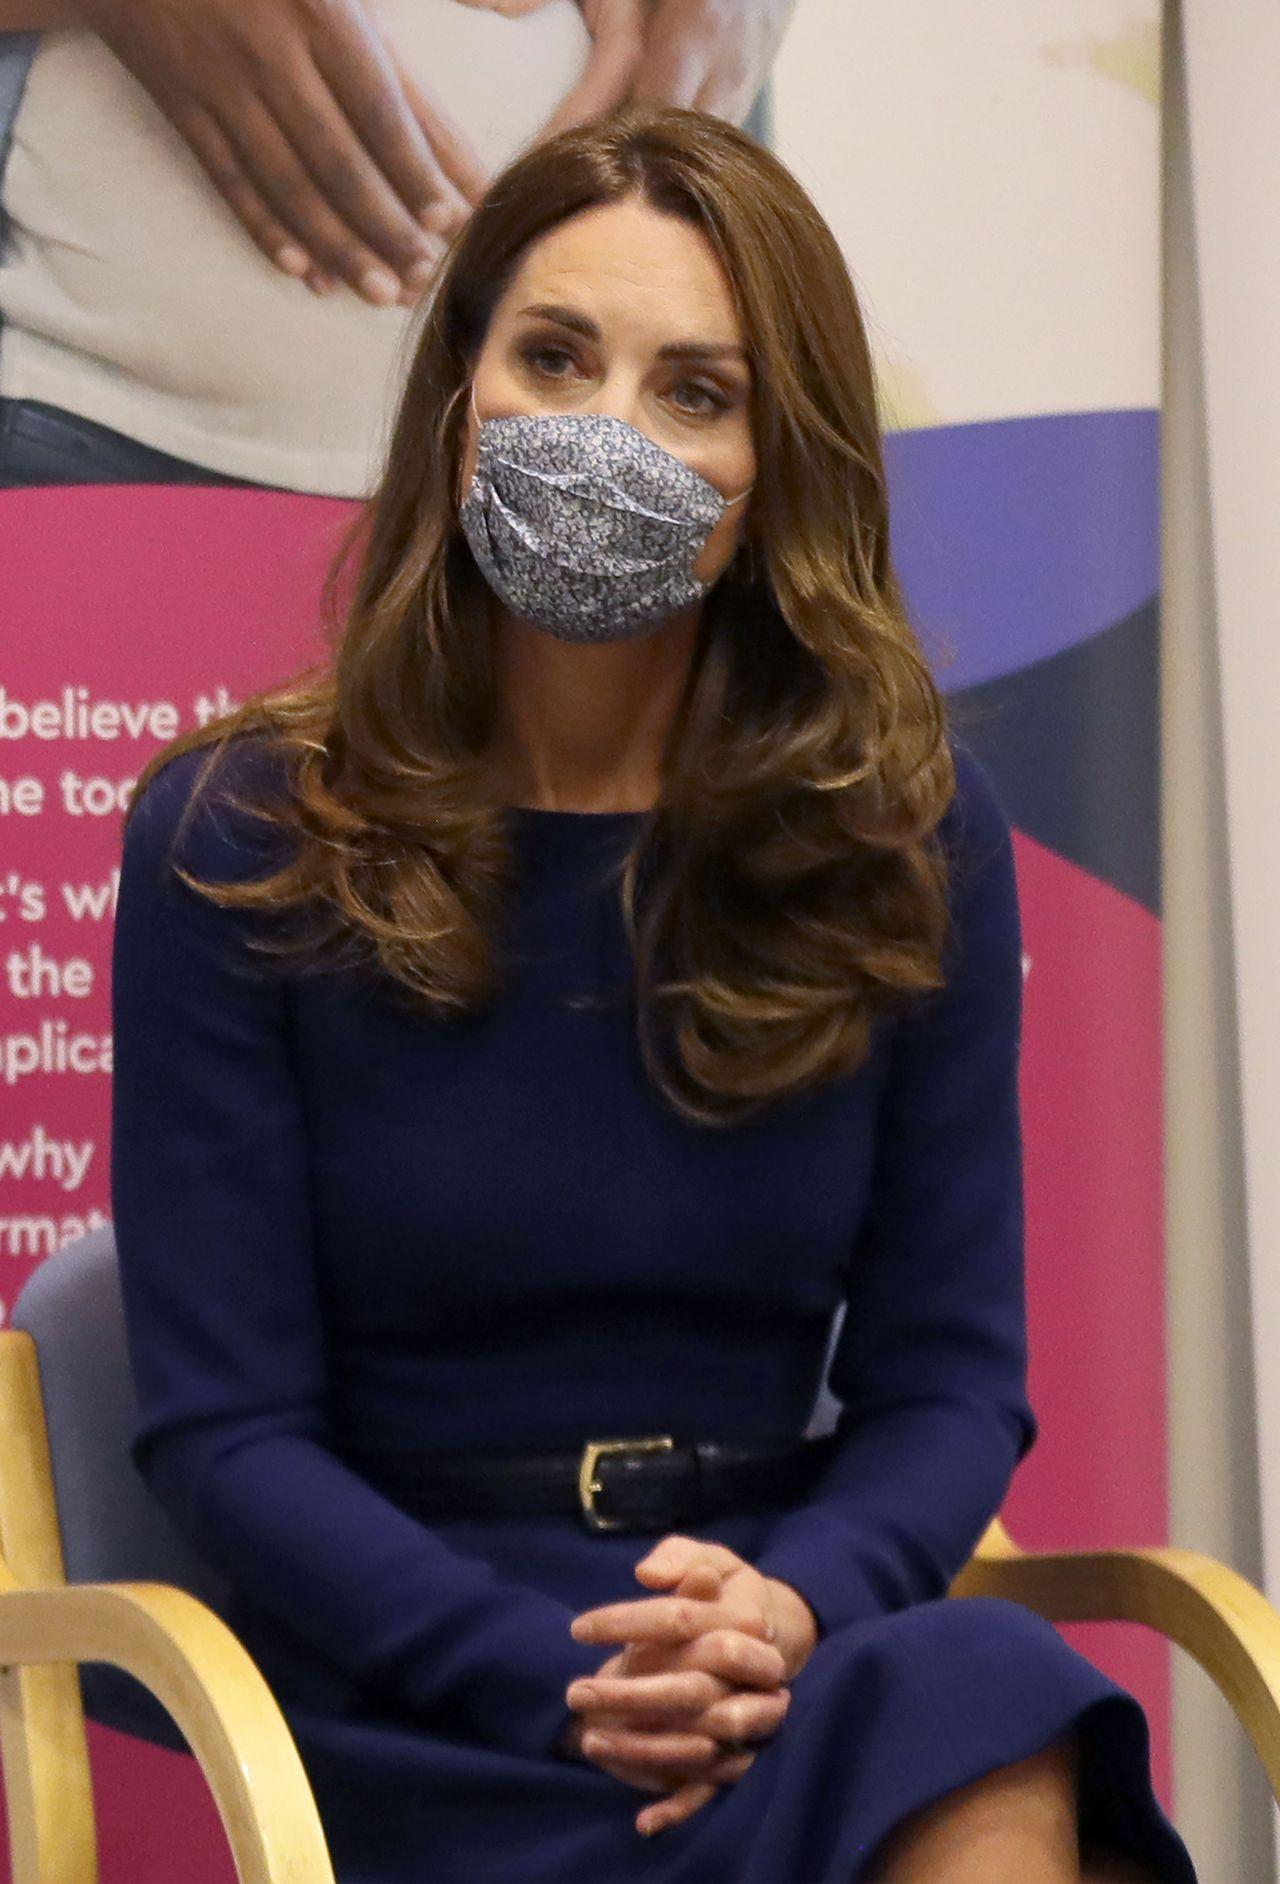 Księżna Kate siedzi w maseczce